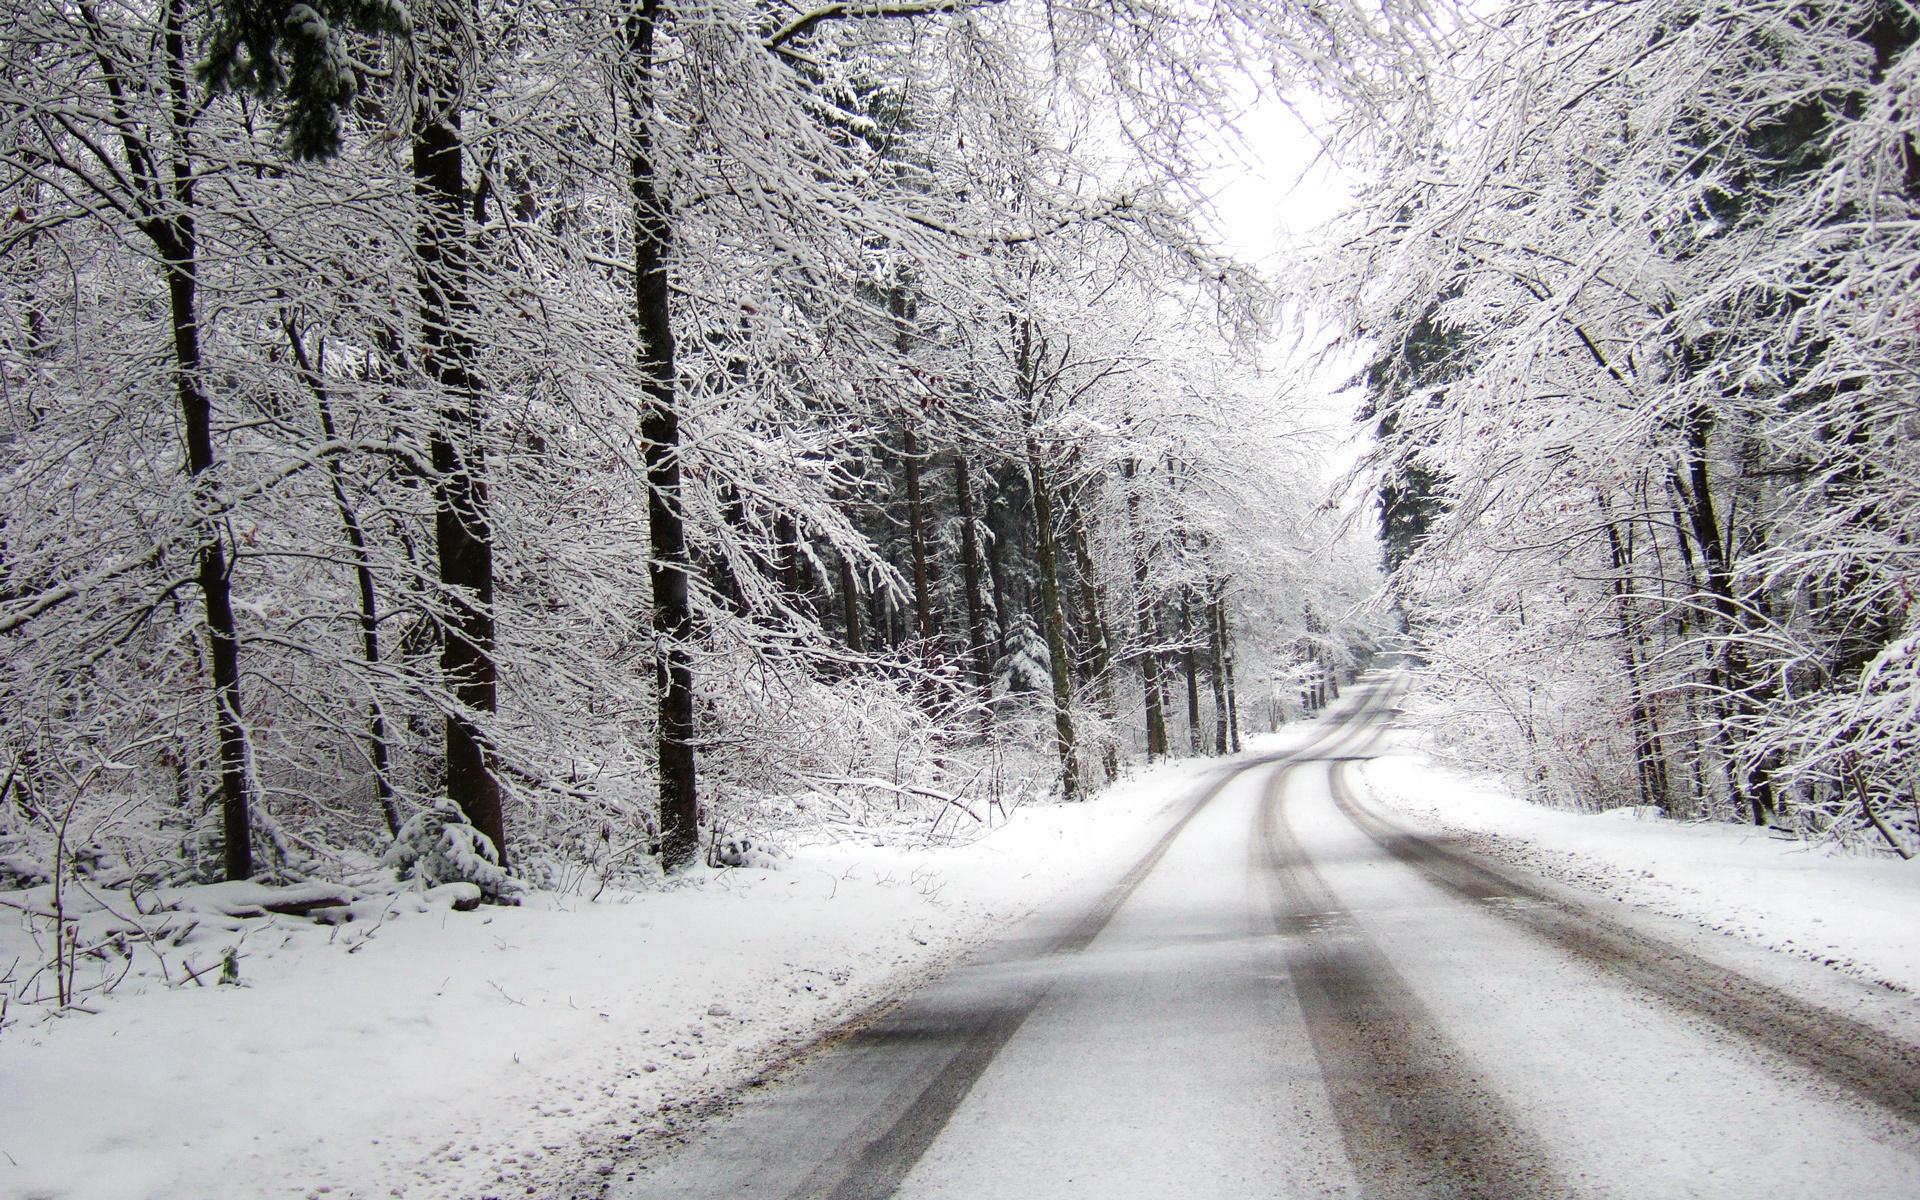 Дорога в снегу, дорога, снег, зима